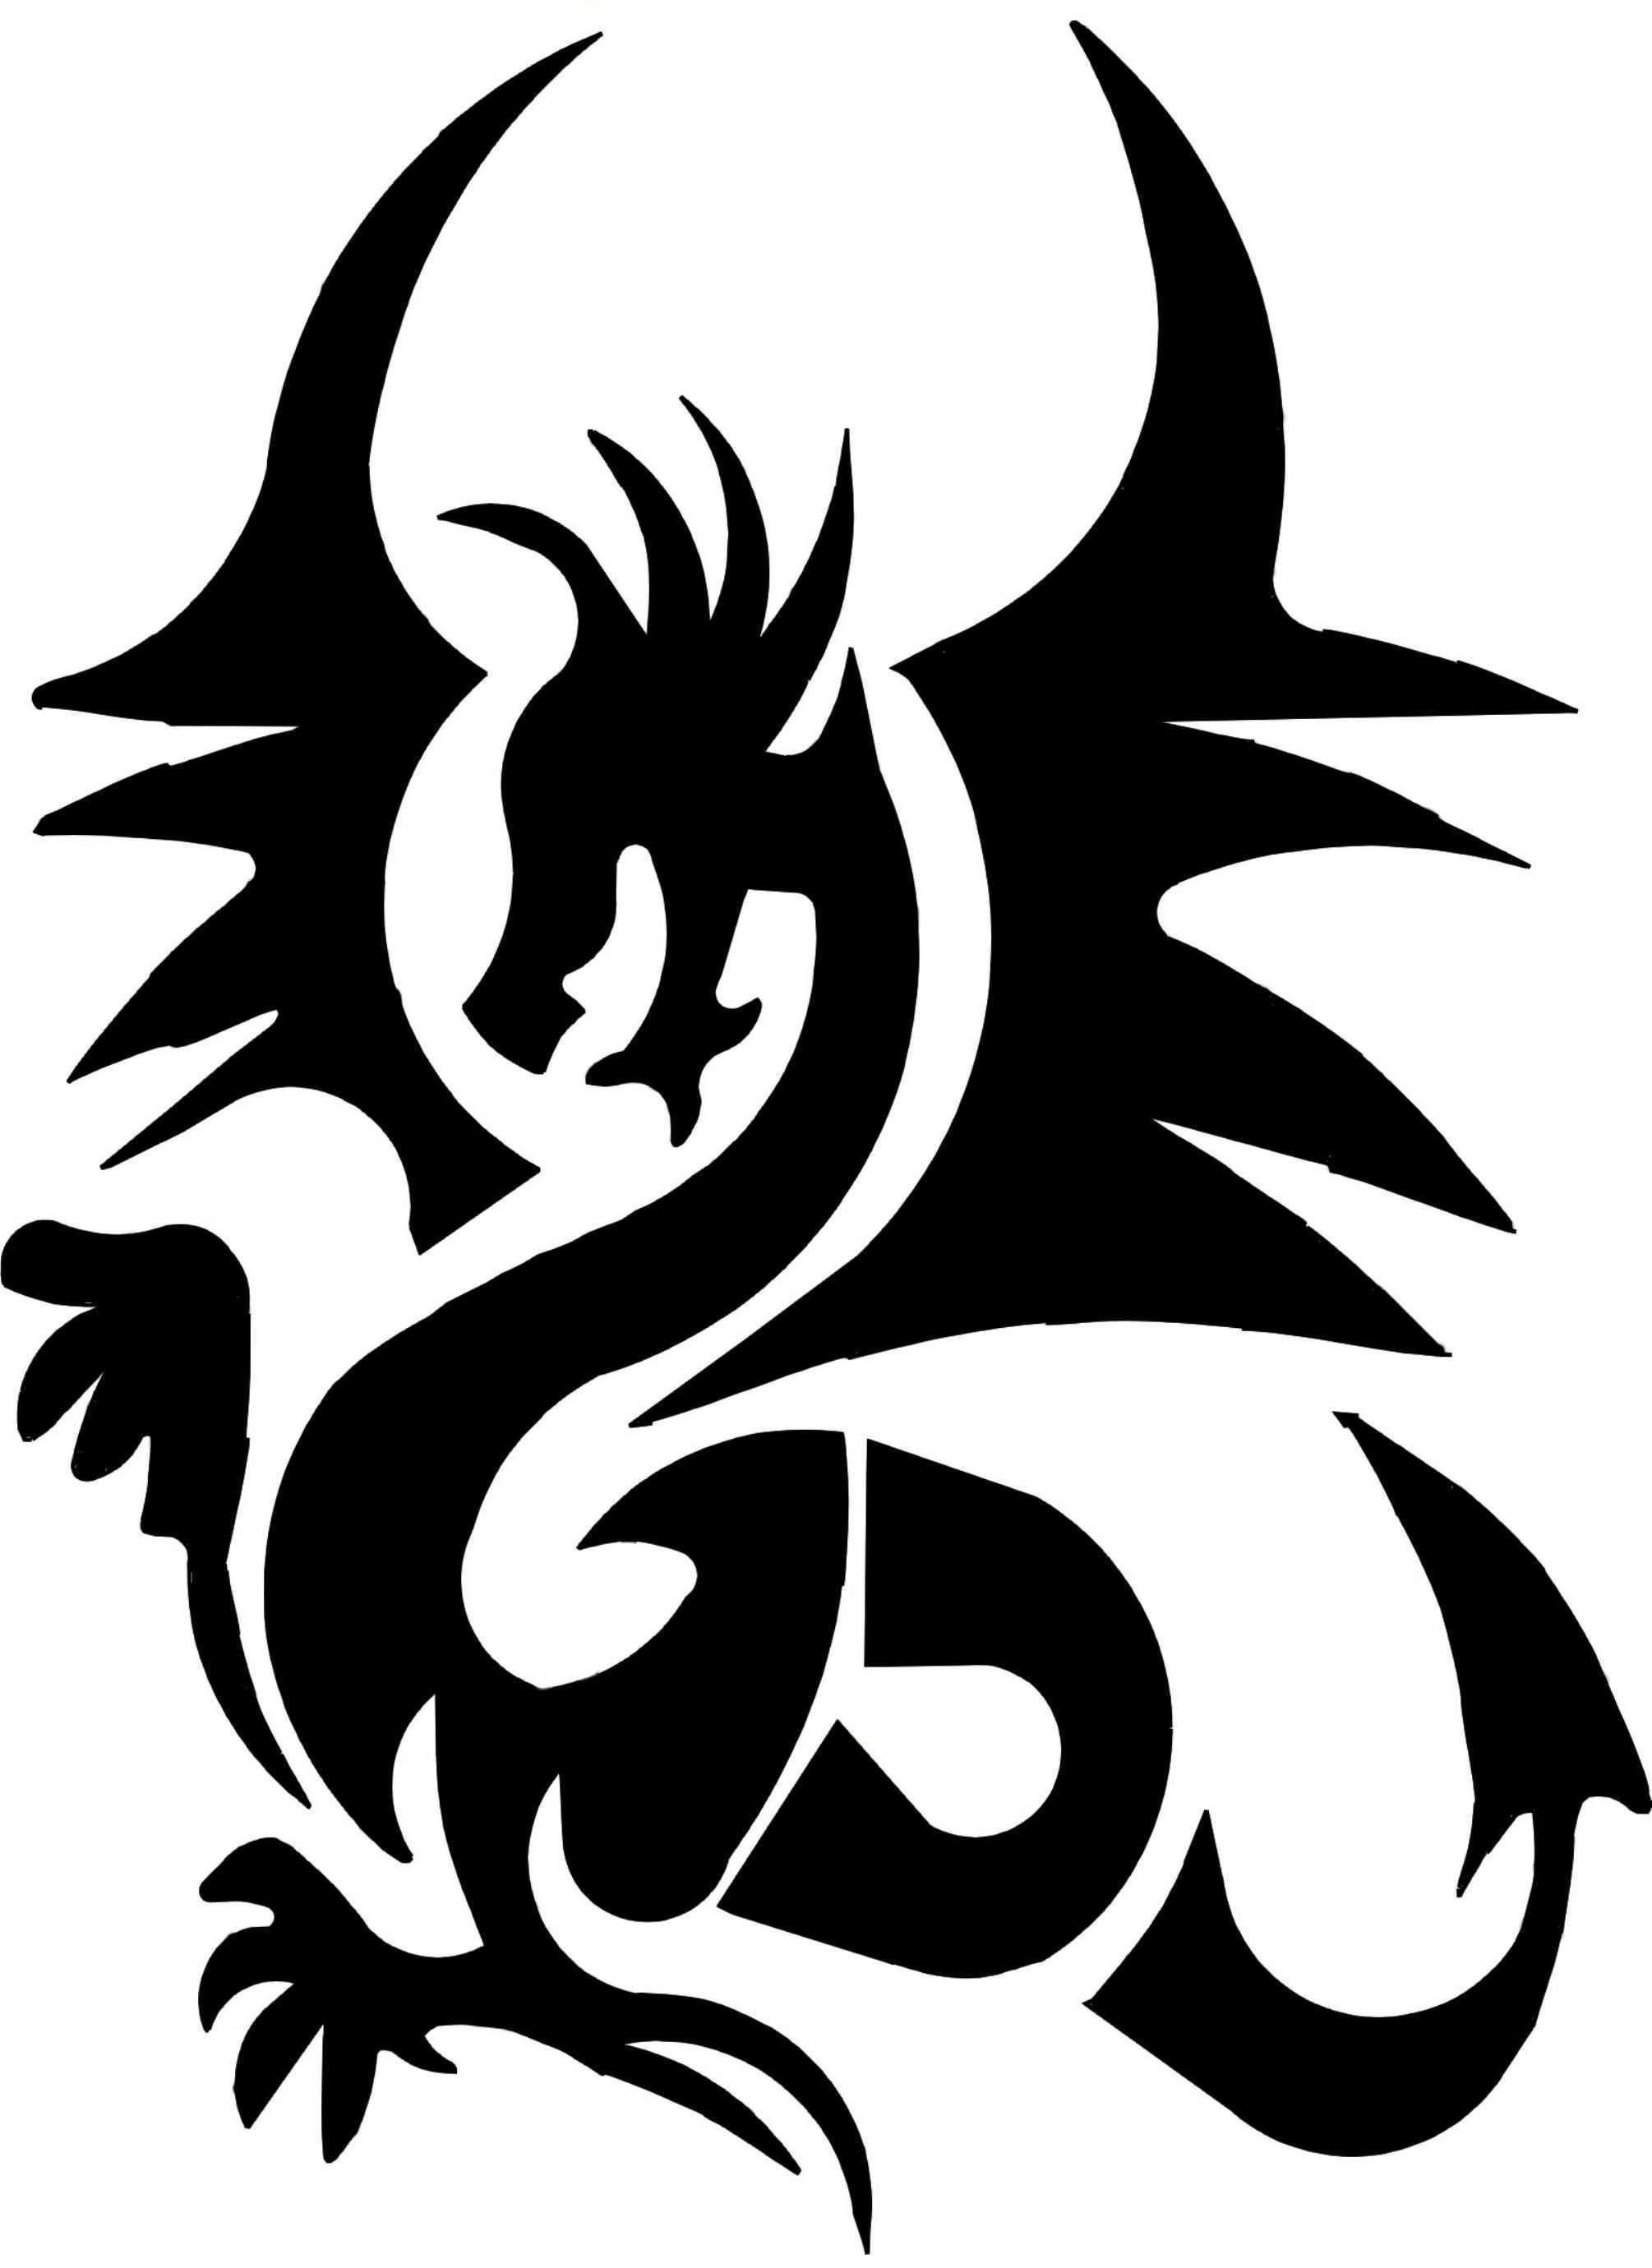 Kreativ Design Henna Tattoo Schablone Schablonen Tattoo Umriss